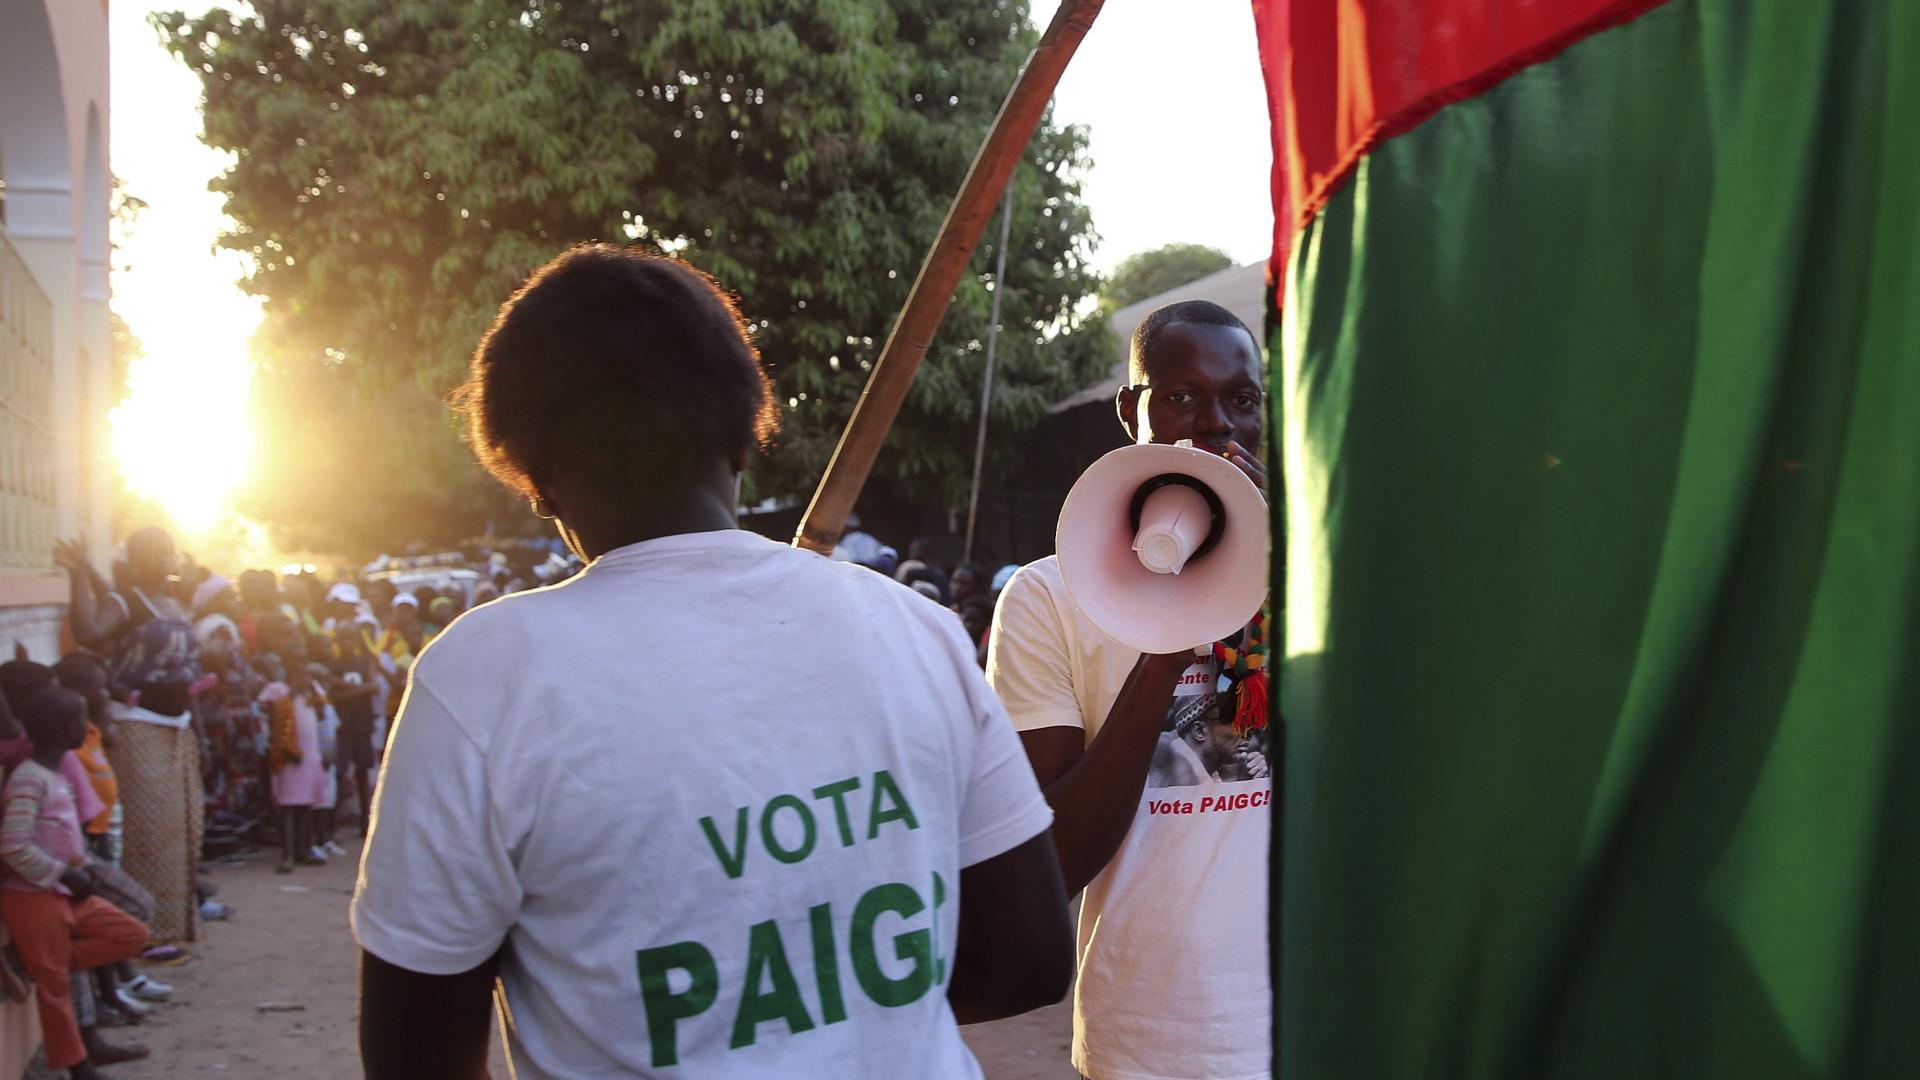 PAIGC pede demissão imediata de PGR e comandante-geral da polícia